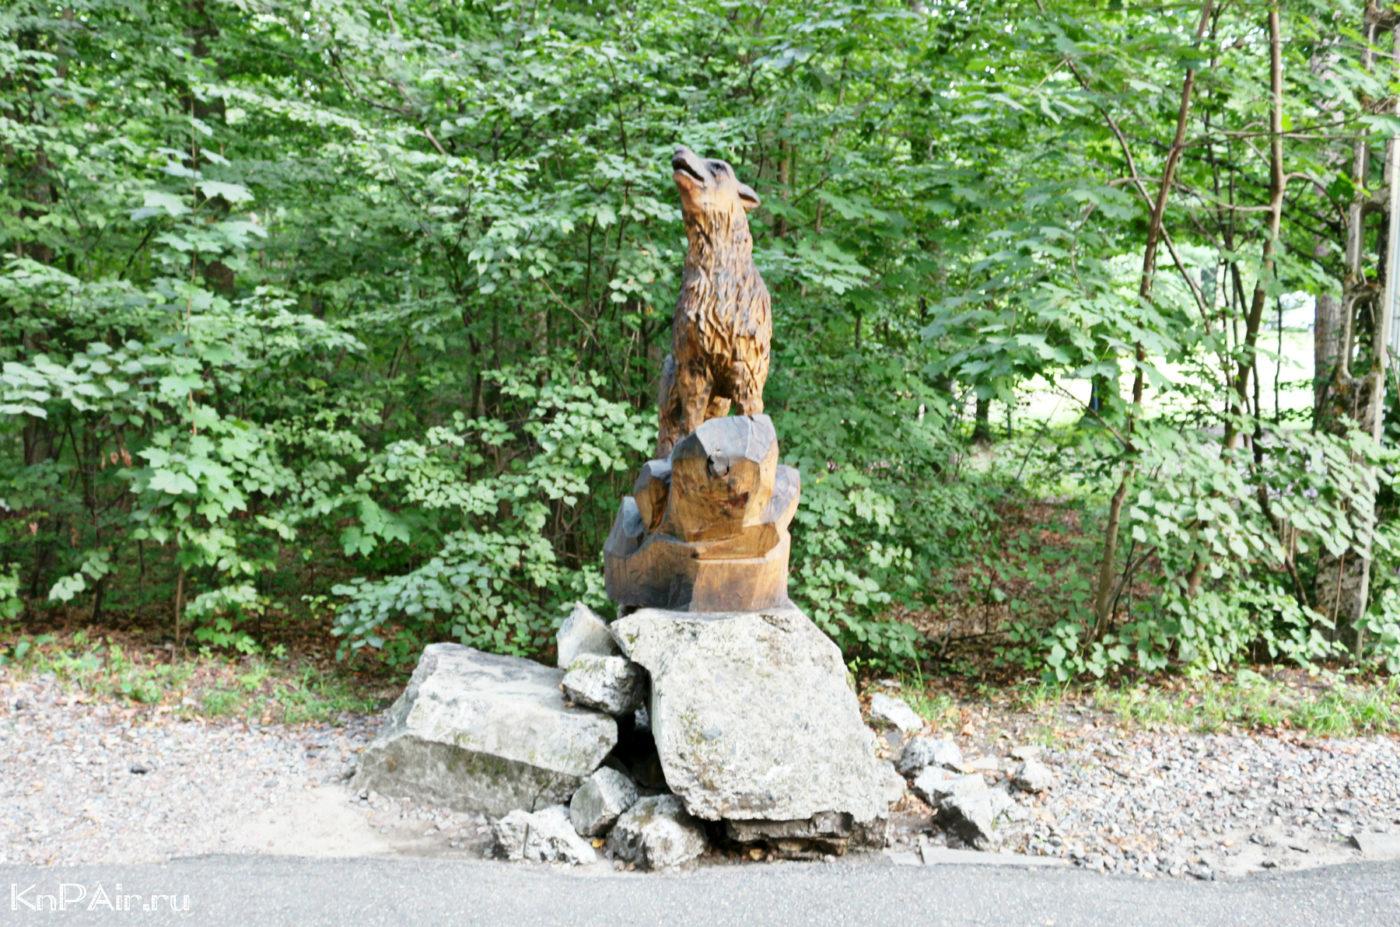 Volk-v-lesu-gerlozh